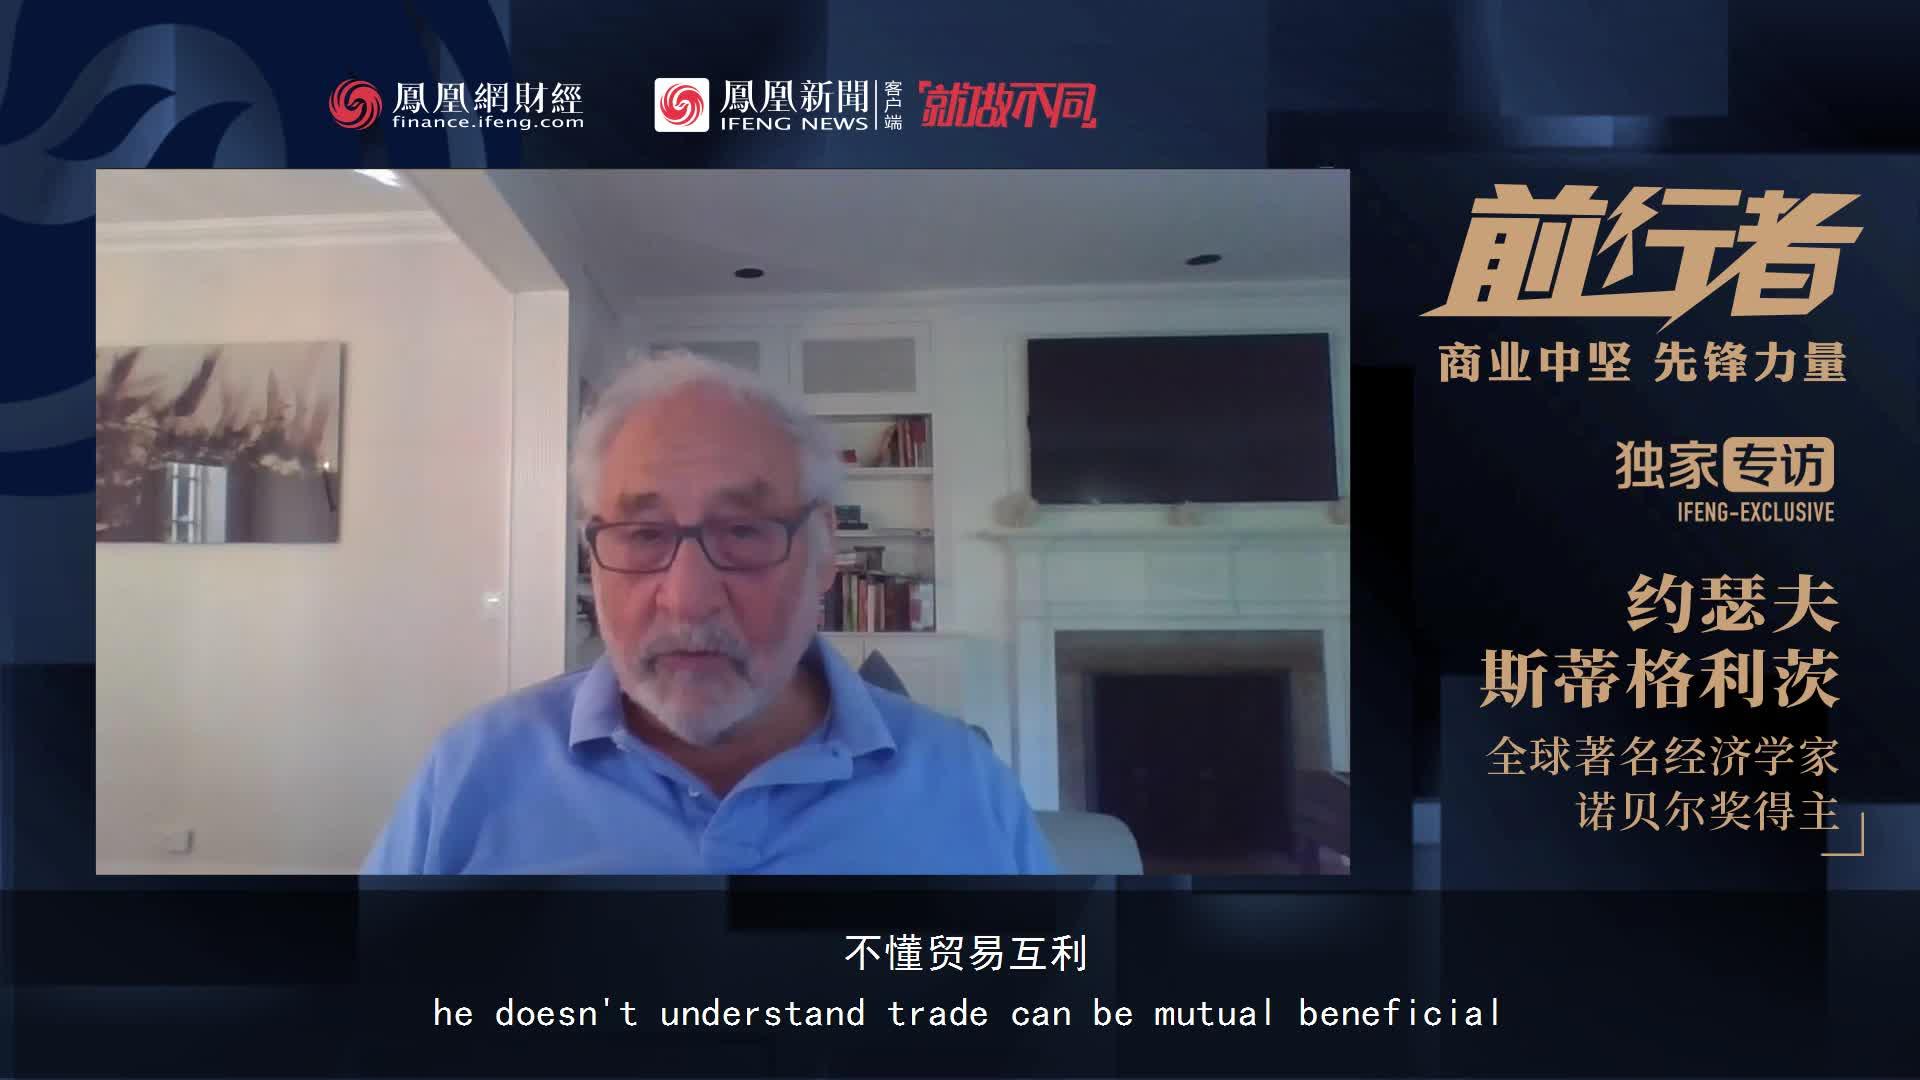 凤凰对话诺奖得主斯蒂格利茨:特朗普不懂经济 有他在全球贸易关系会一直紧张